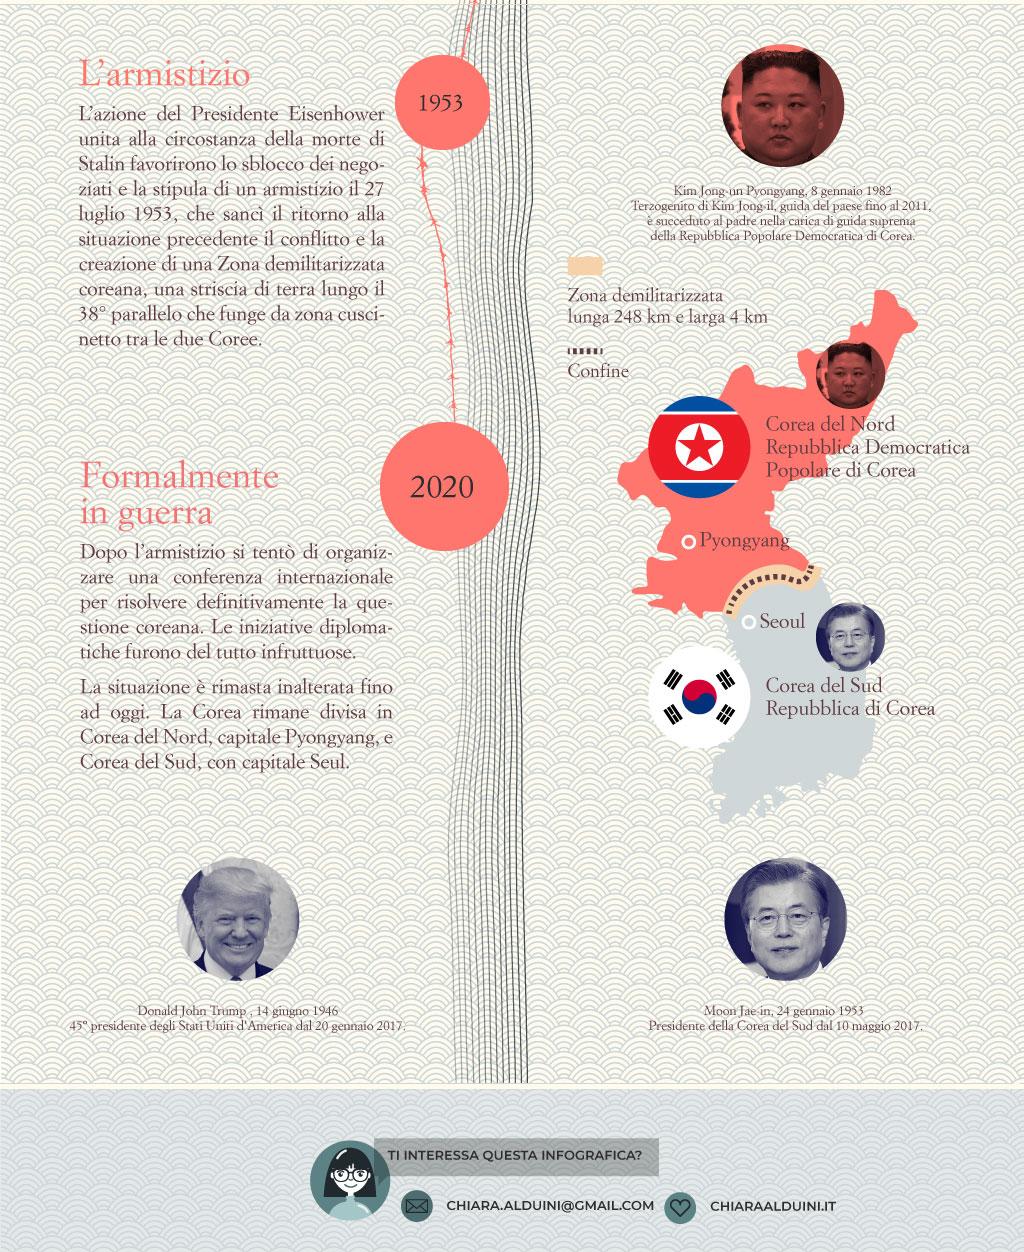 le radici della divsione della Corea